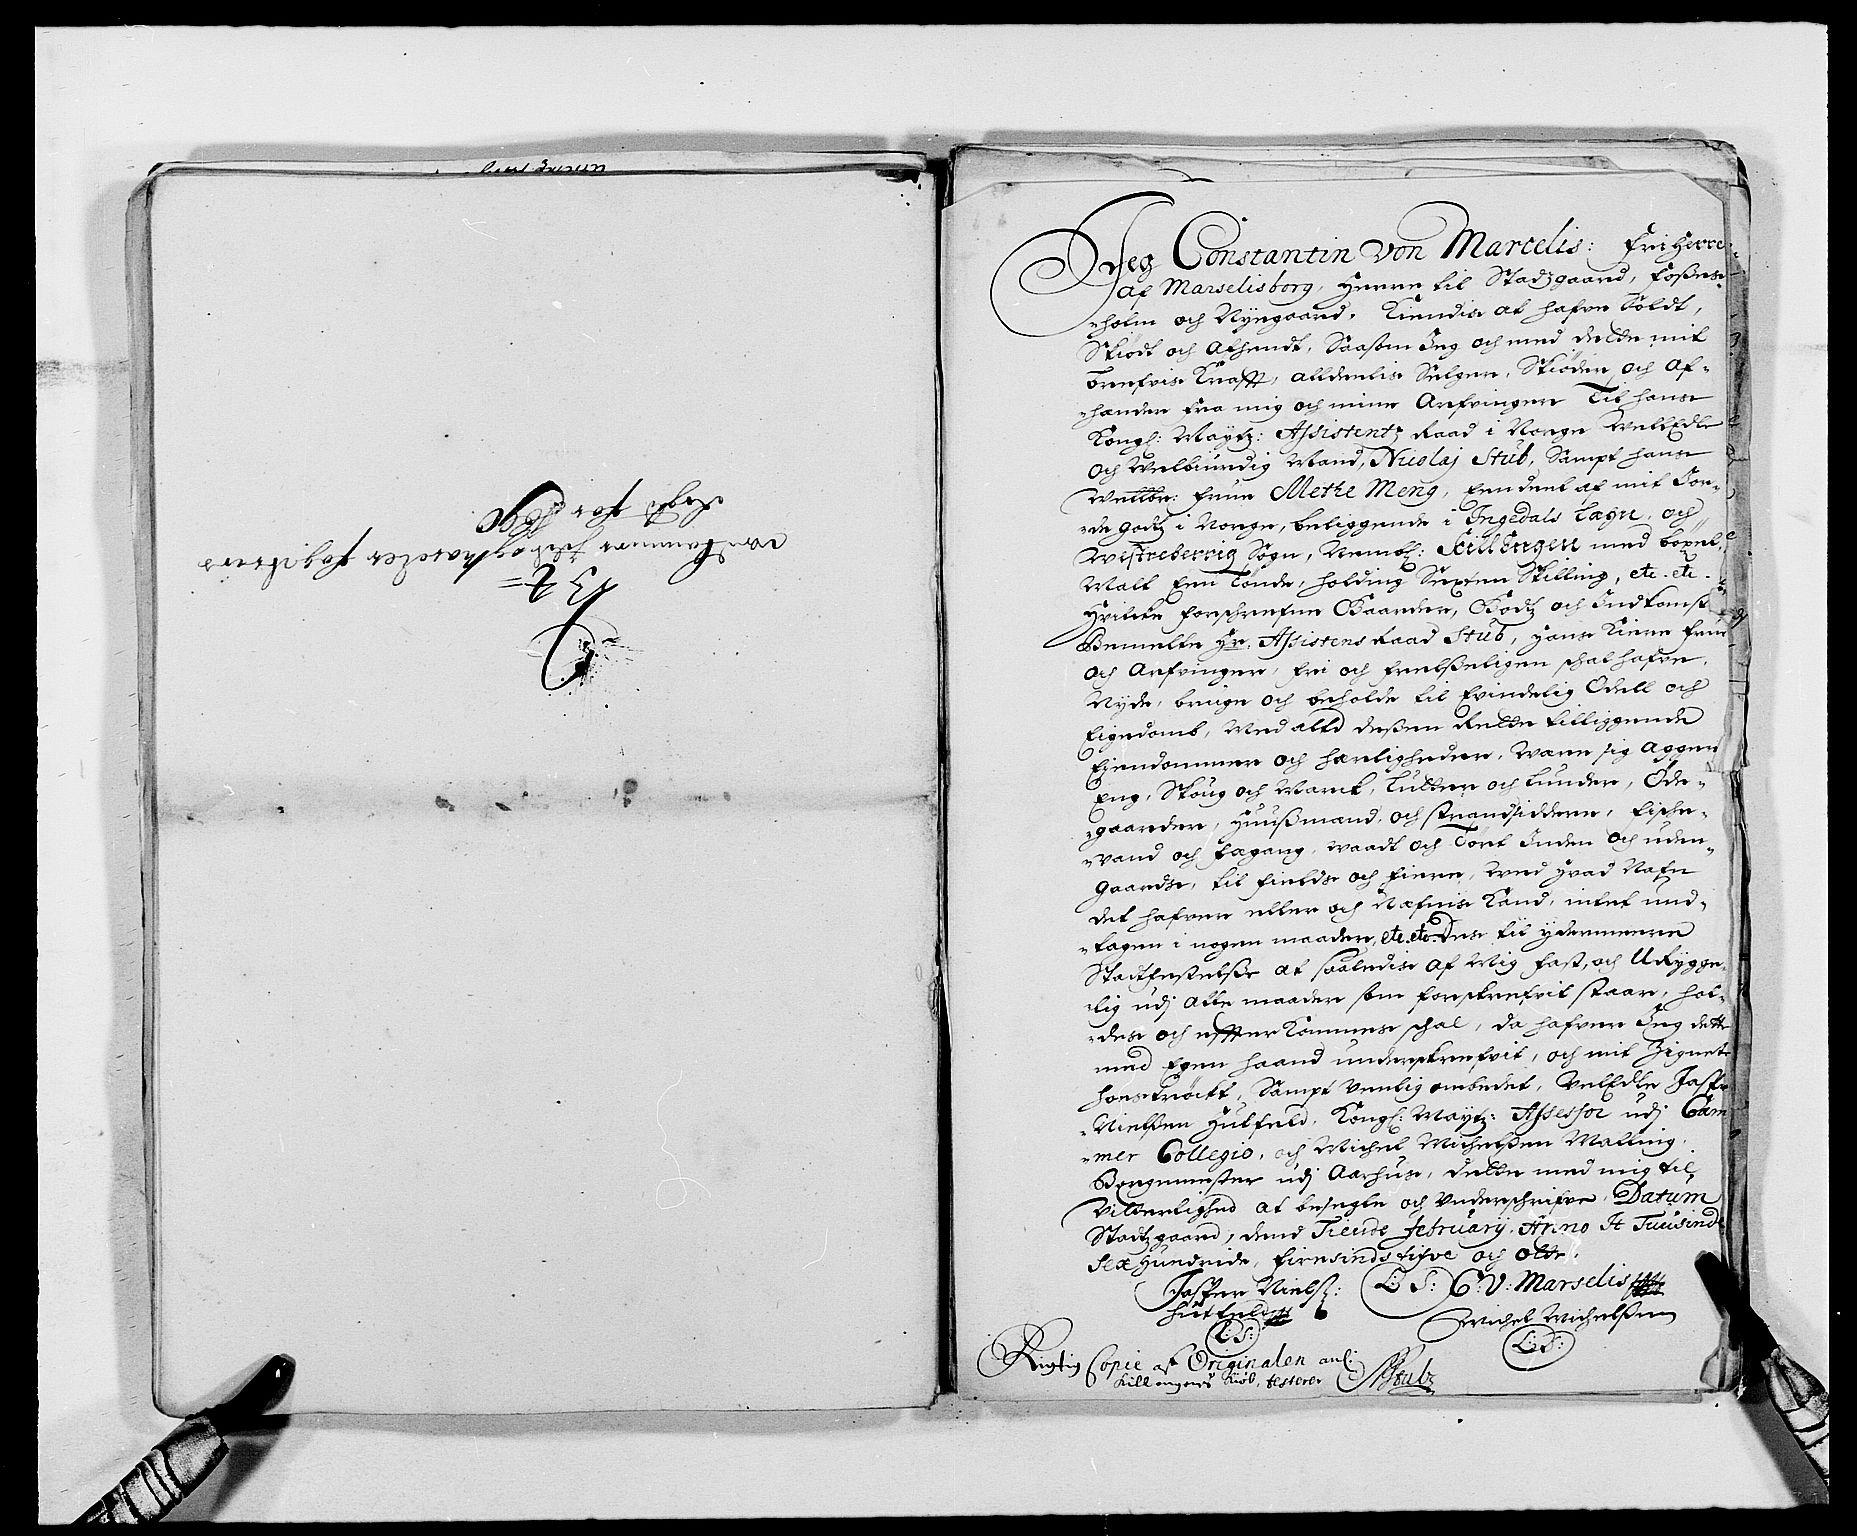 RA, Rentekammeret inntil 1814, Reviderte regnskaper, Fogderegnskap, R01/L0010: Fogderegnskap Idd og Marker, 1690-1691, s. 68